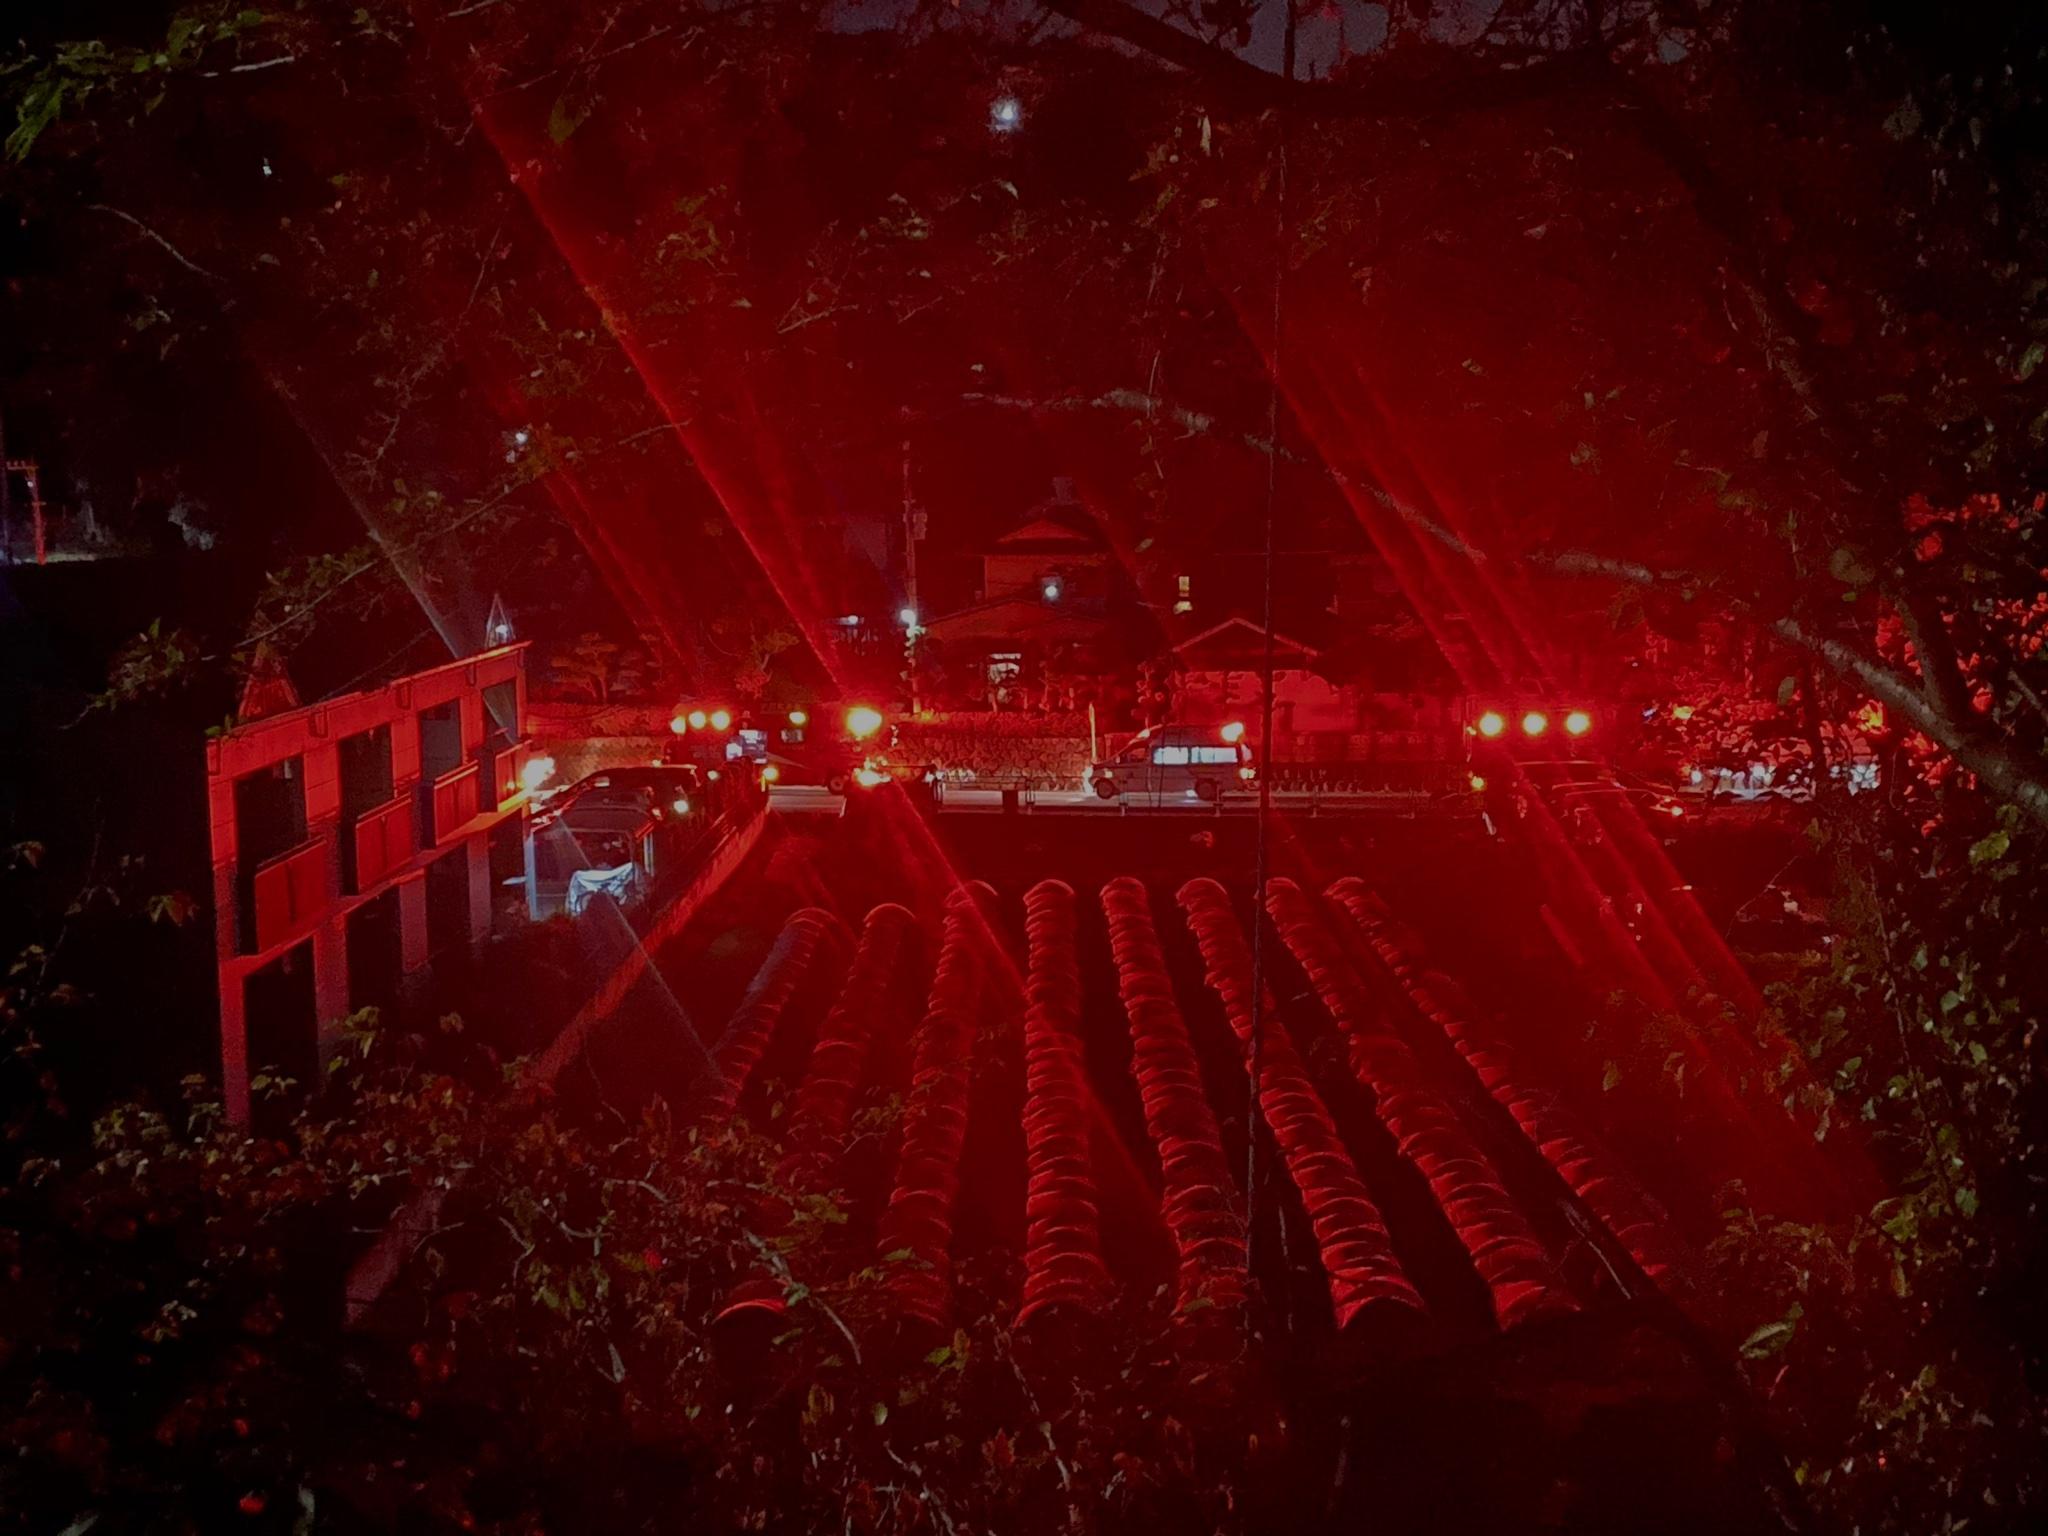 画像,小田急線の人身事故で救急車1台に消防車が3・4台もいる https://t.co/6dQbe3ho2l。